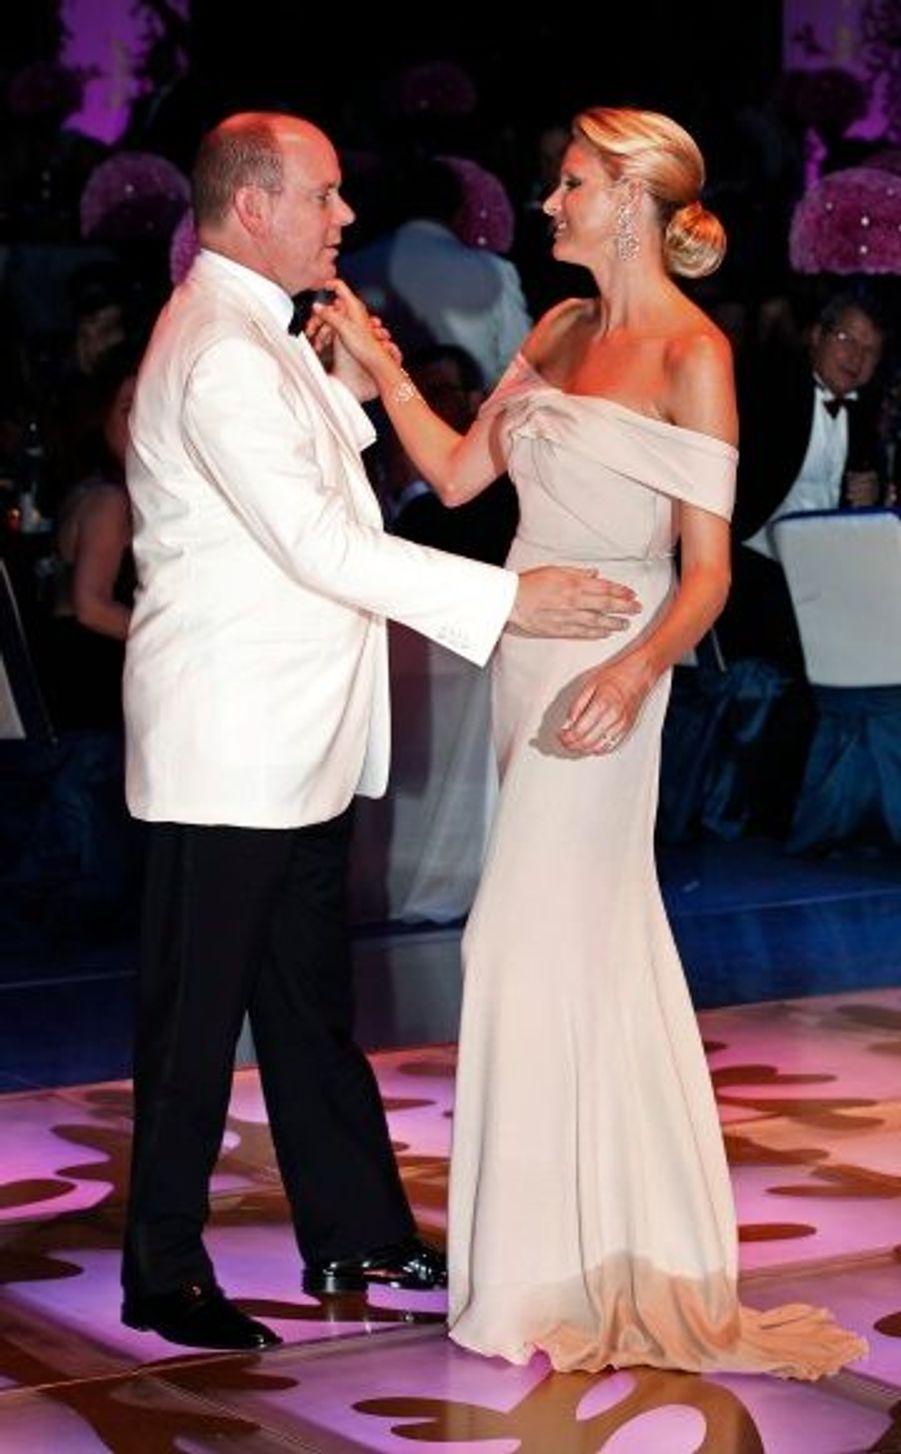 La 60ème édition du bal de la Croix-Rouge, en juin 2010. Charlene Wittstock paradait dans une robe rose pâle structurée par un drapé-croisé sur le buste.